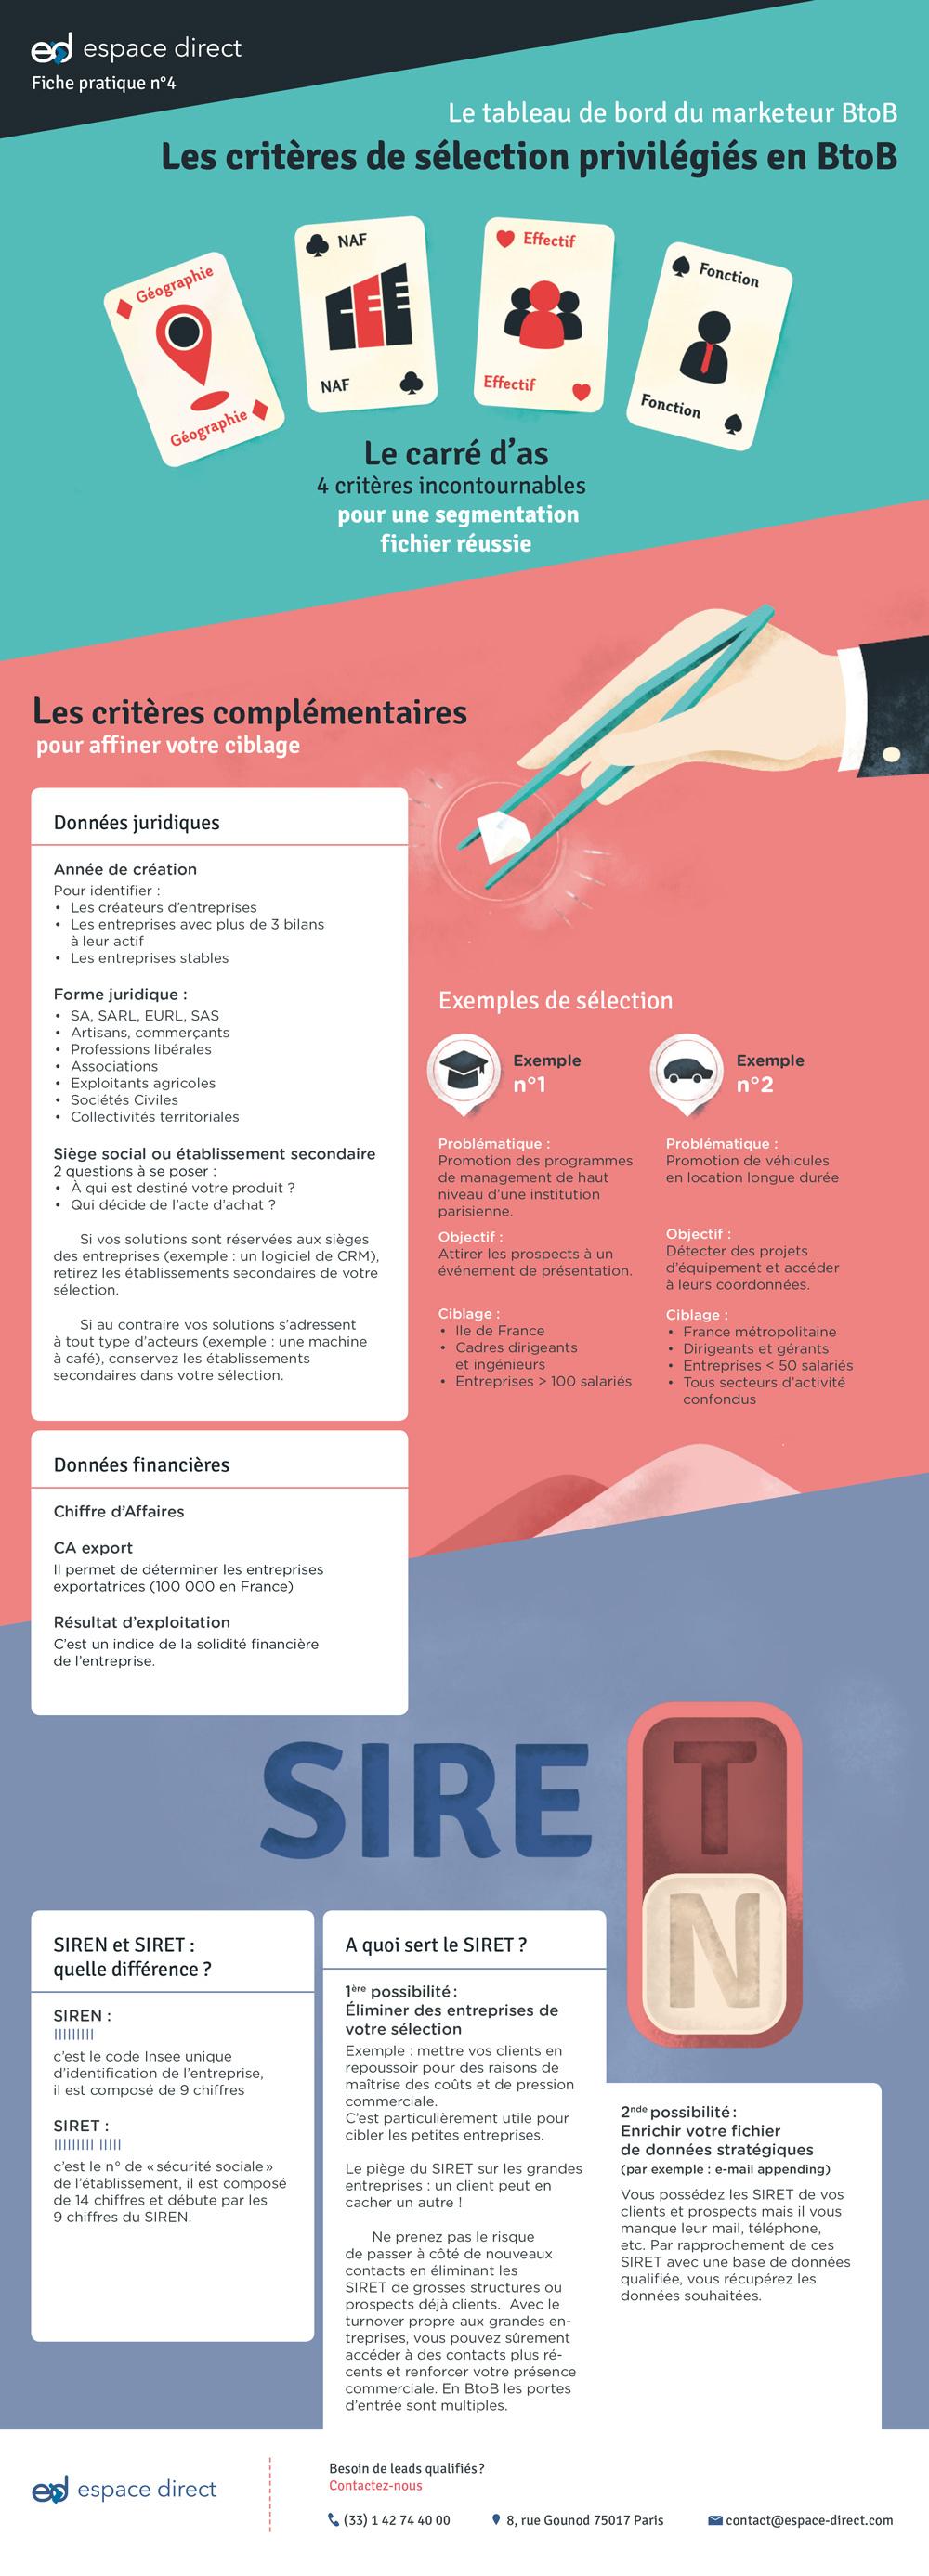 Infographie : le tableau de bord du marketeur BtoB